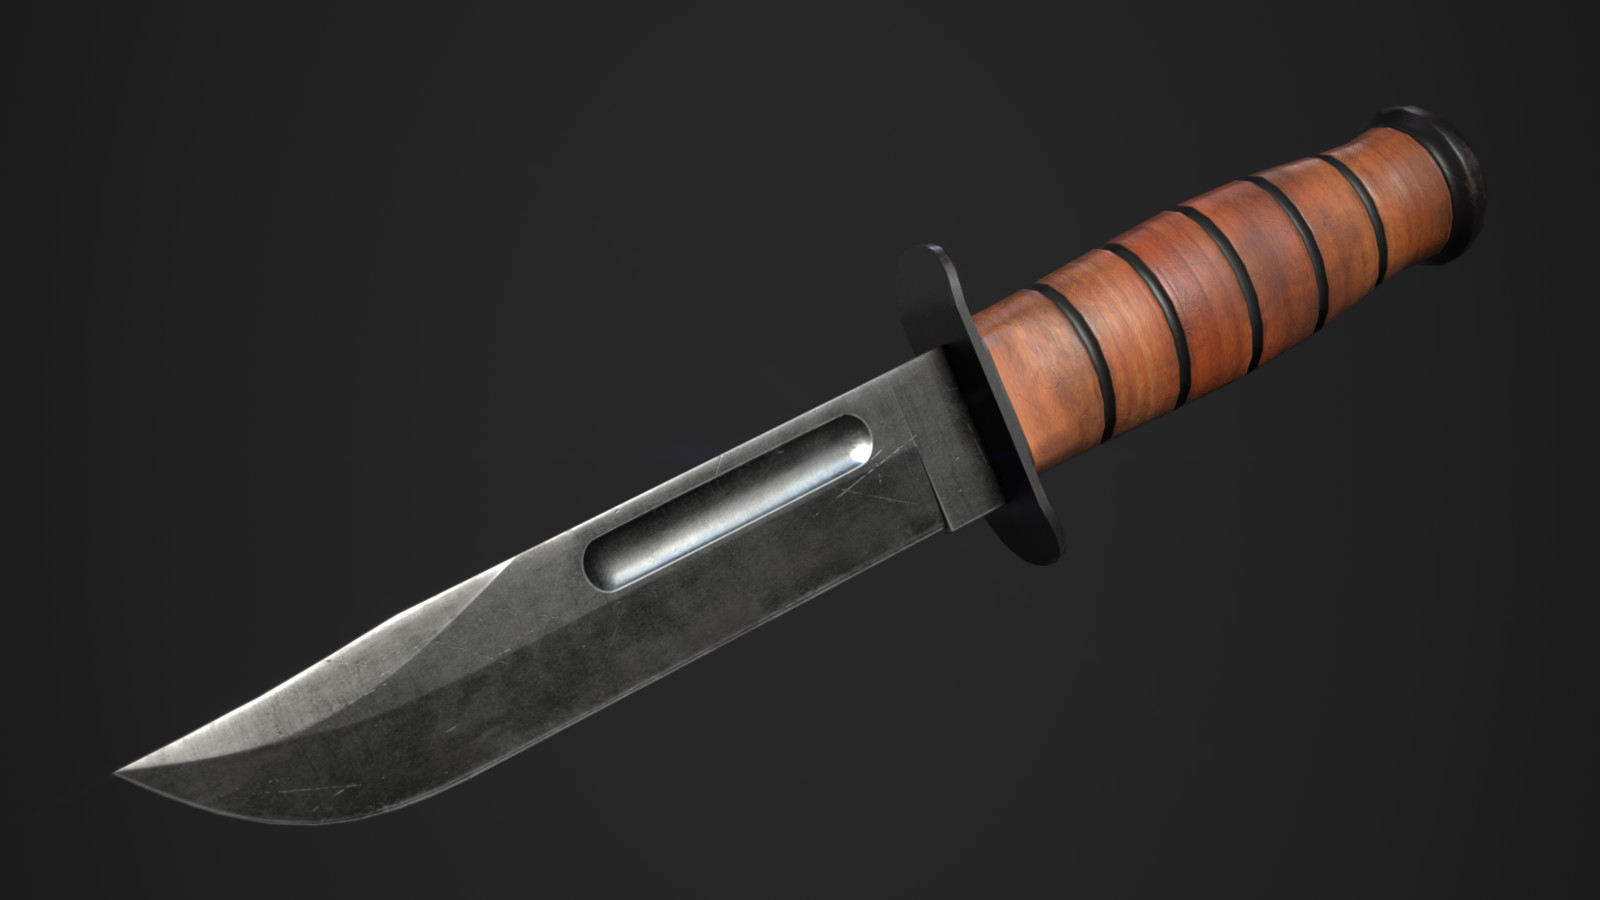 Ka Bar Knife final render